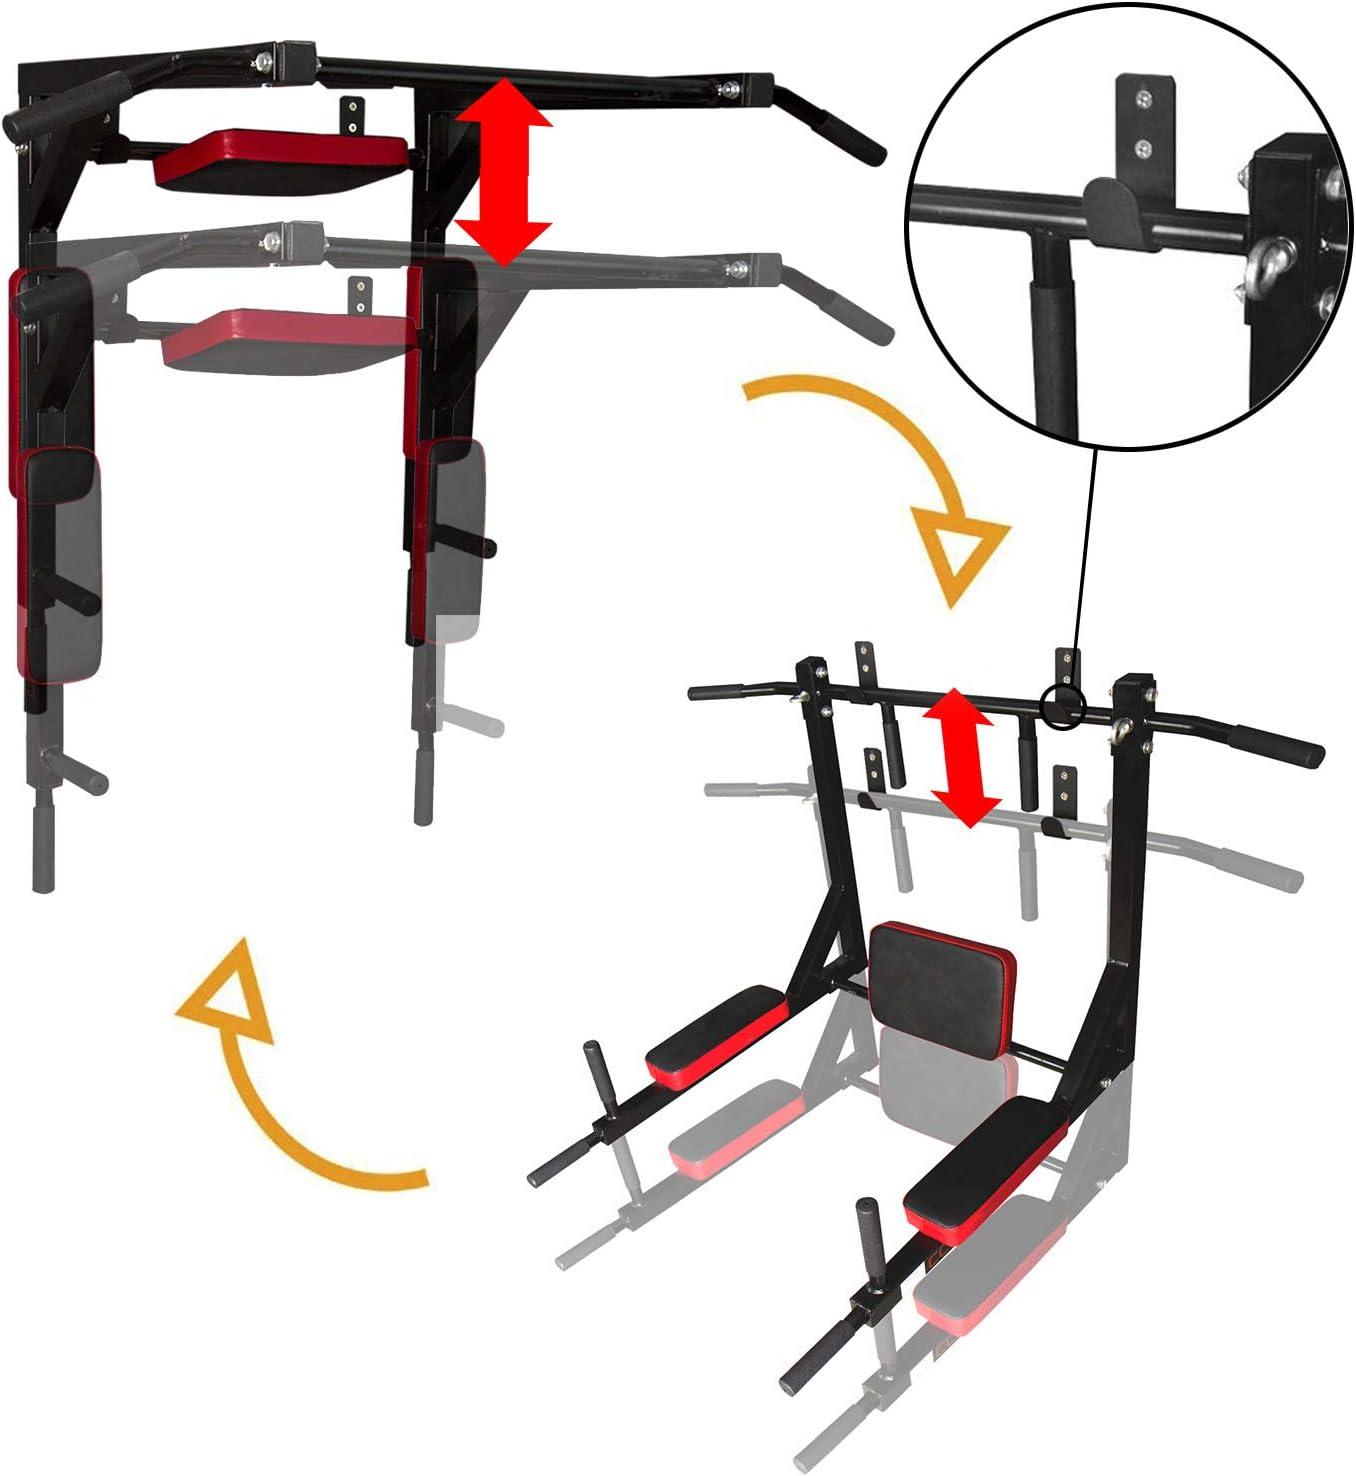 CCLIFE Multigriff Klimmzug Wandmontage Dip Station 2in1 Pull Up Bar Klimmzugstange Wand Belastbarkeit bis 200 kg Fitnessger/äte Wandbefestigung